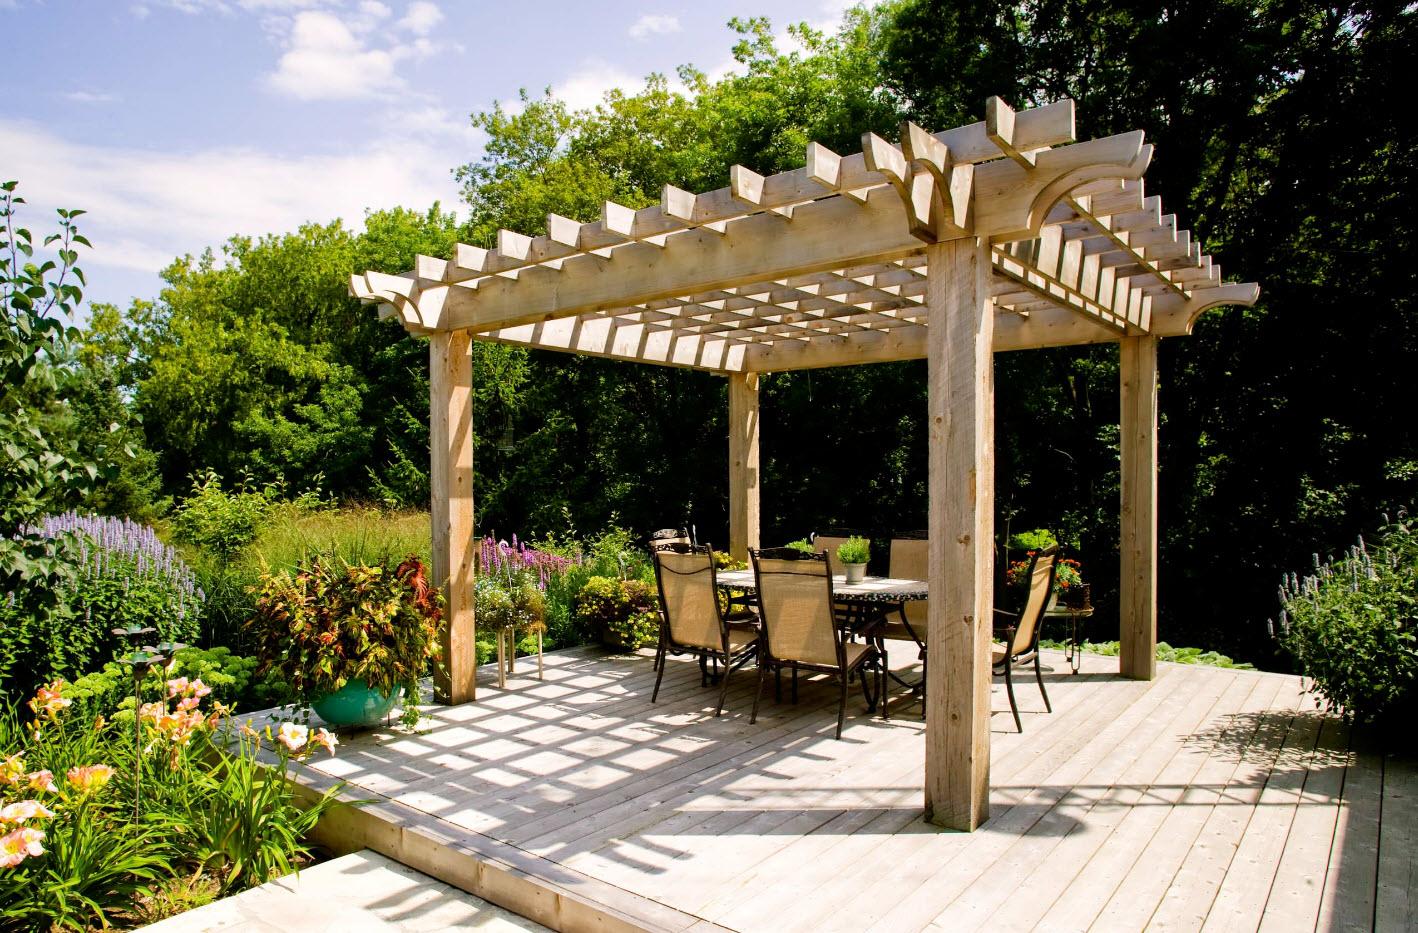 Садовая арка - проекты и идеи по применению в ландшафтном дизайне (145 фото)